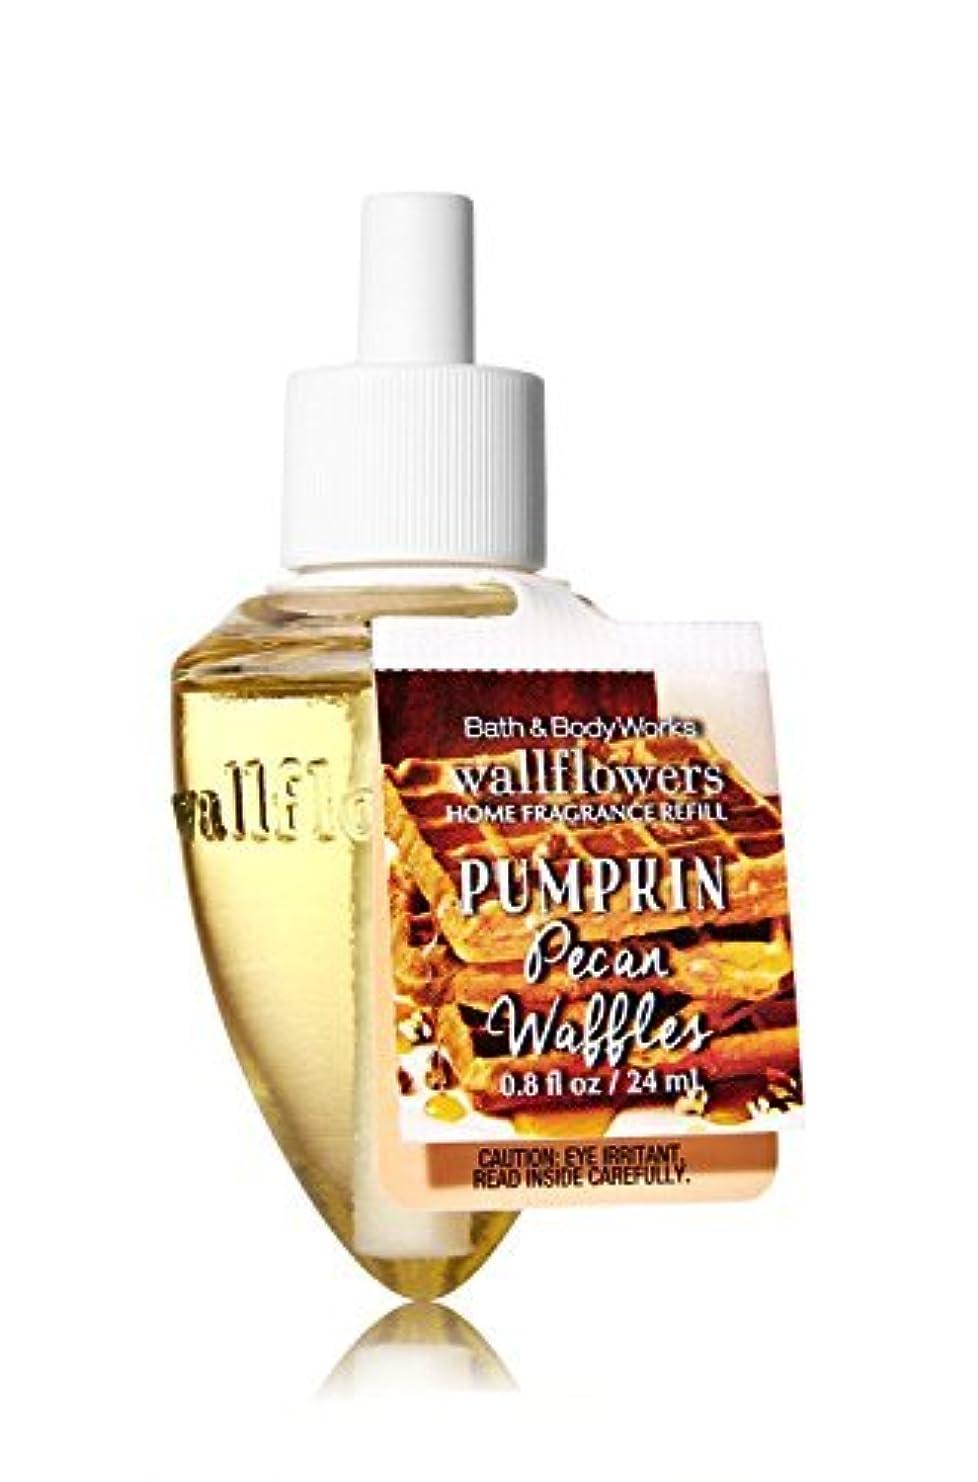 仮称気球拡大する【Bath&Body Works/バス&ボディワークス】 ルームフレグランス 詰替えリフィル パンプキンピーカンワッフル Wallflowers Home Fragrance Refill Pumpkin Pecan Waffles [並行輸入品]